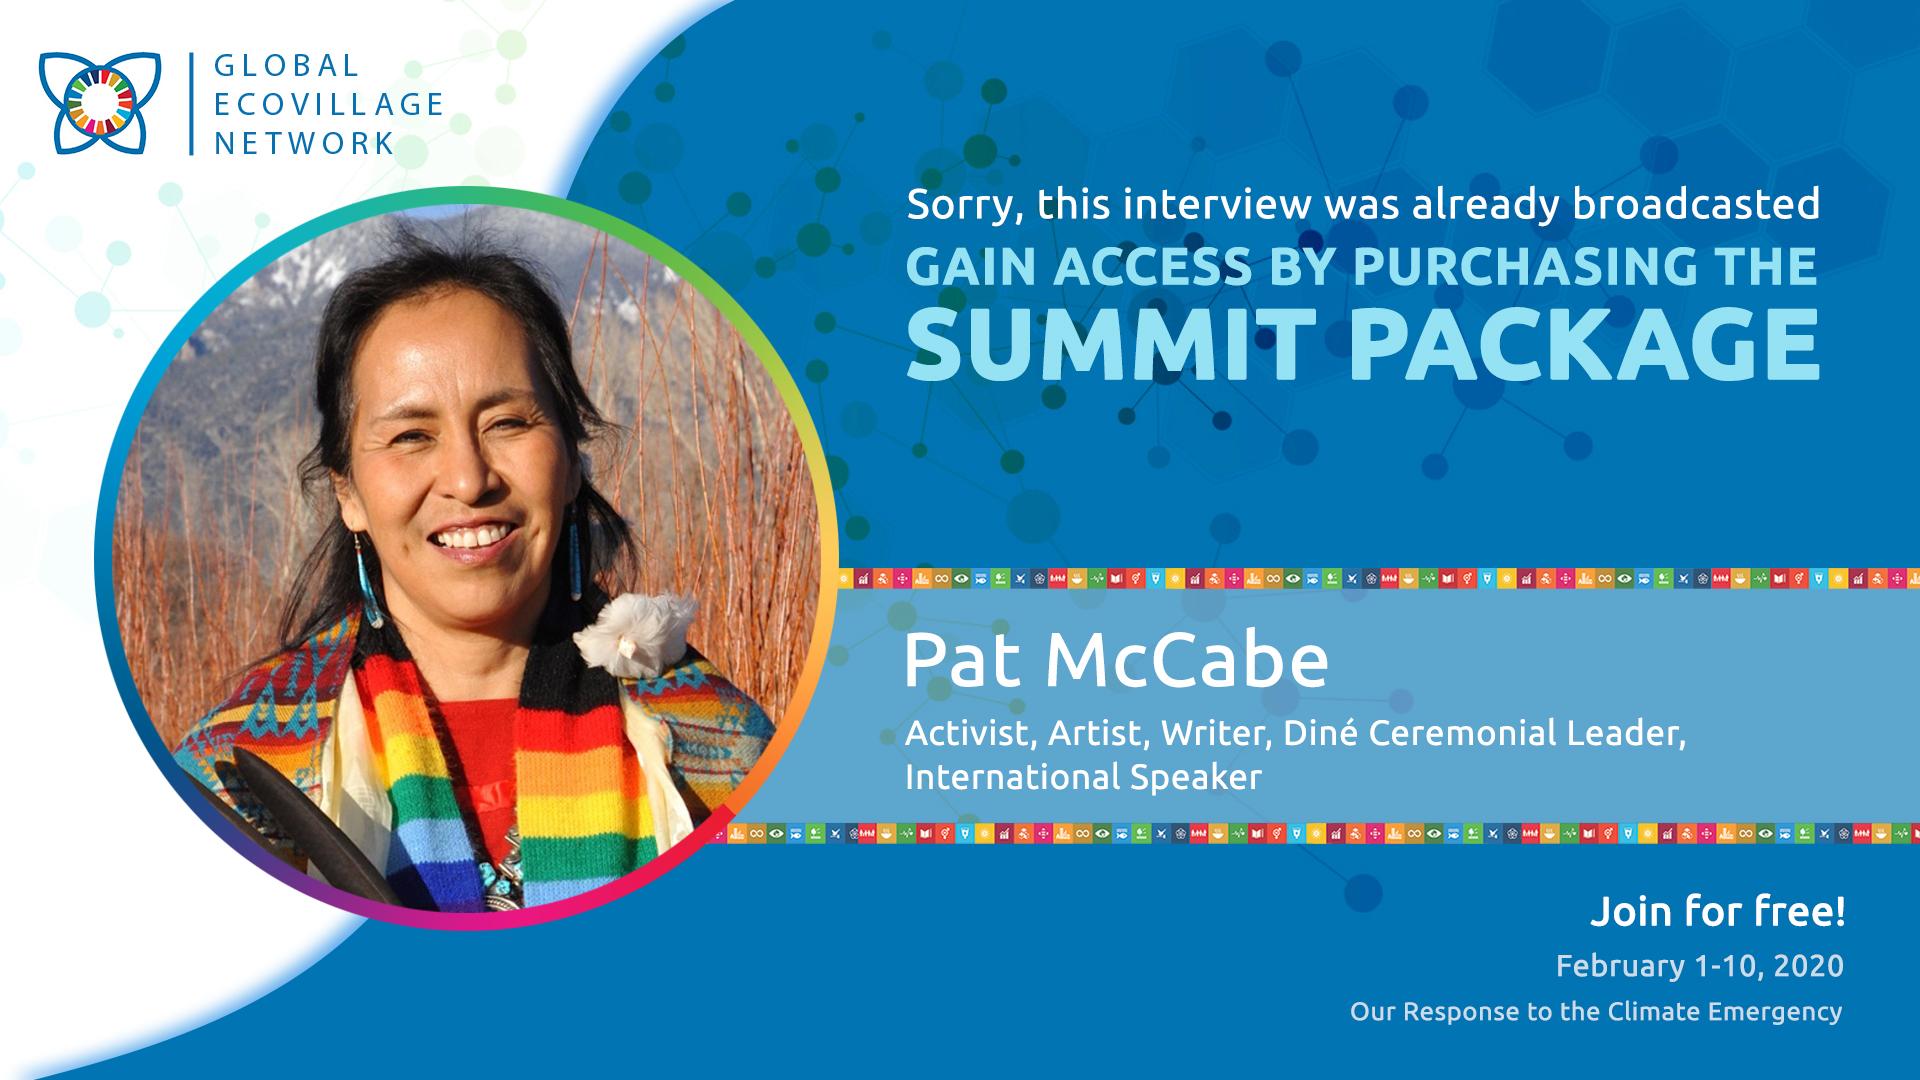 Pat McCabe